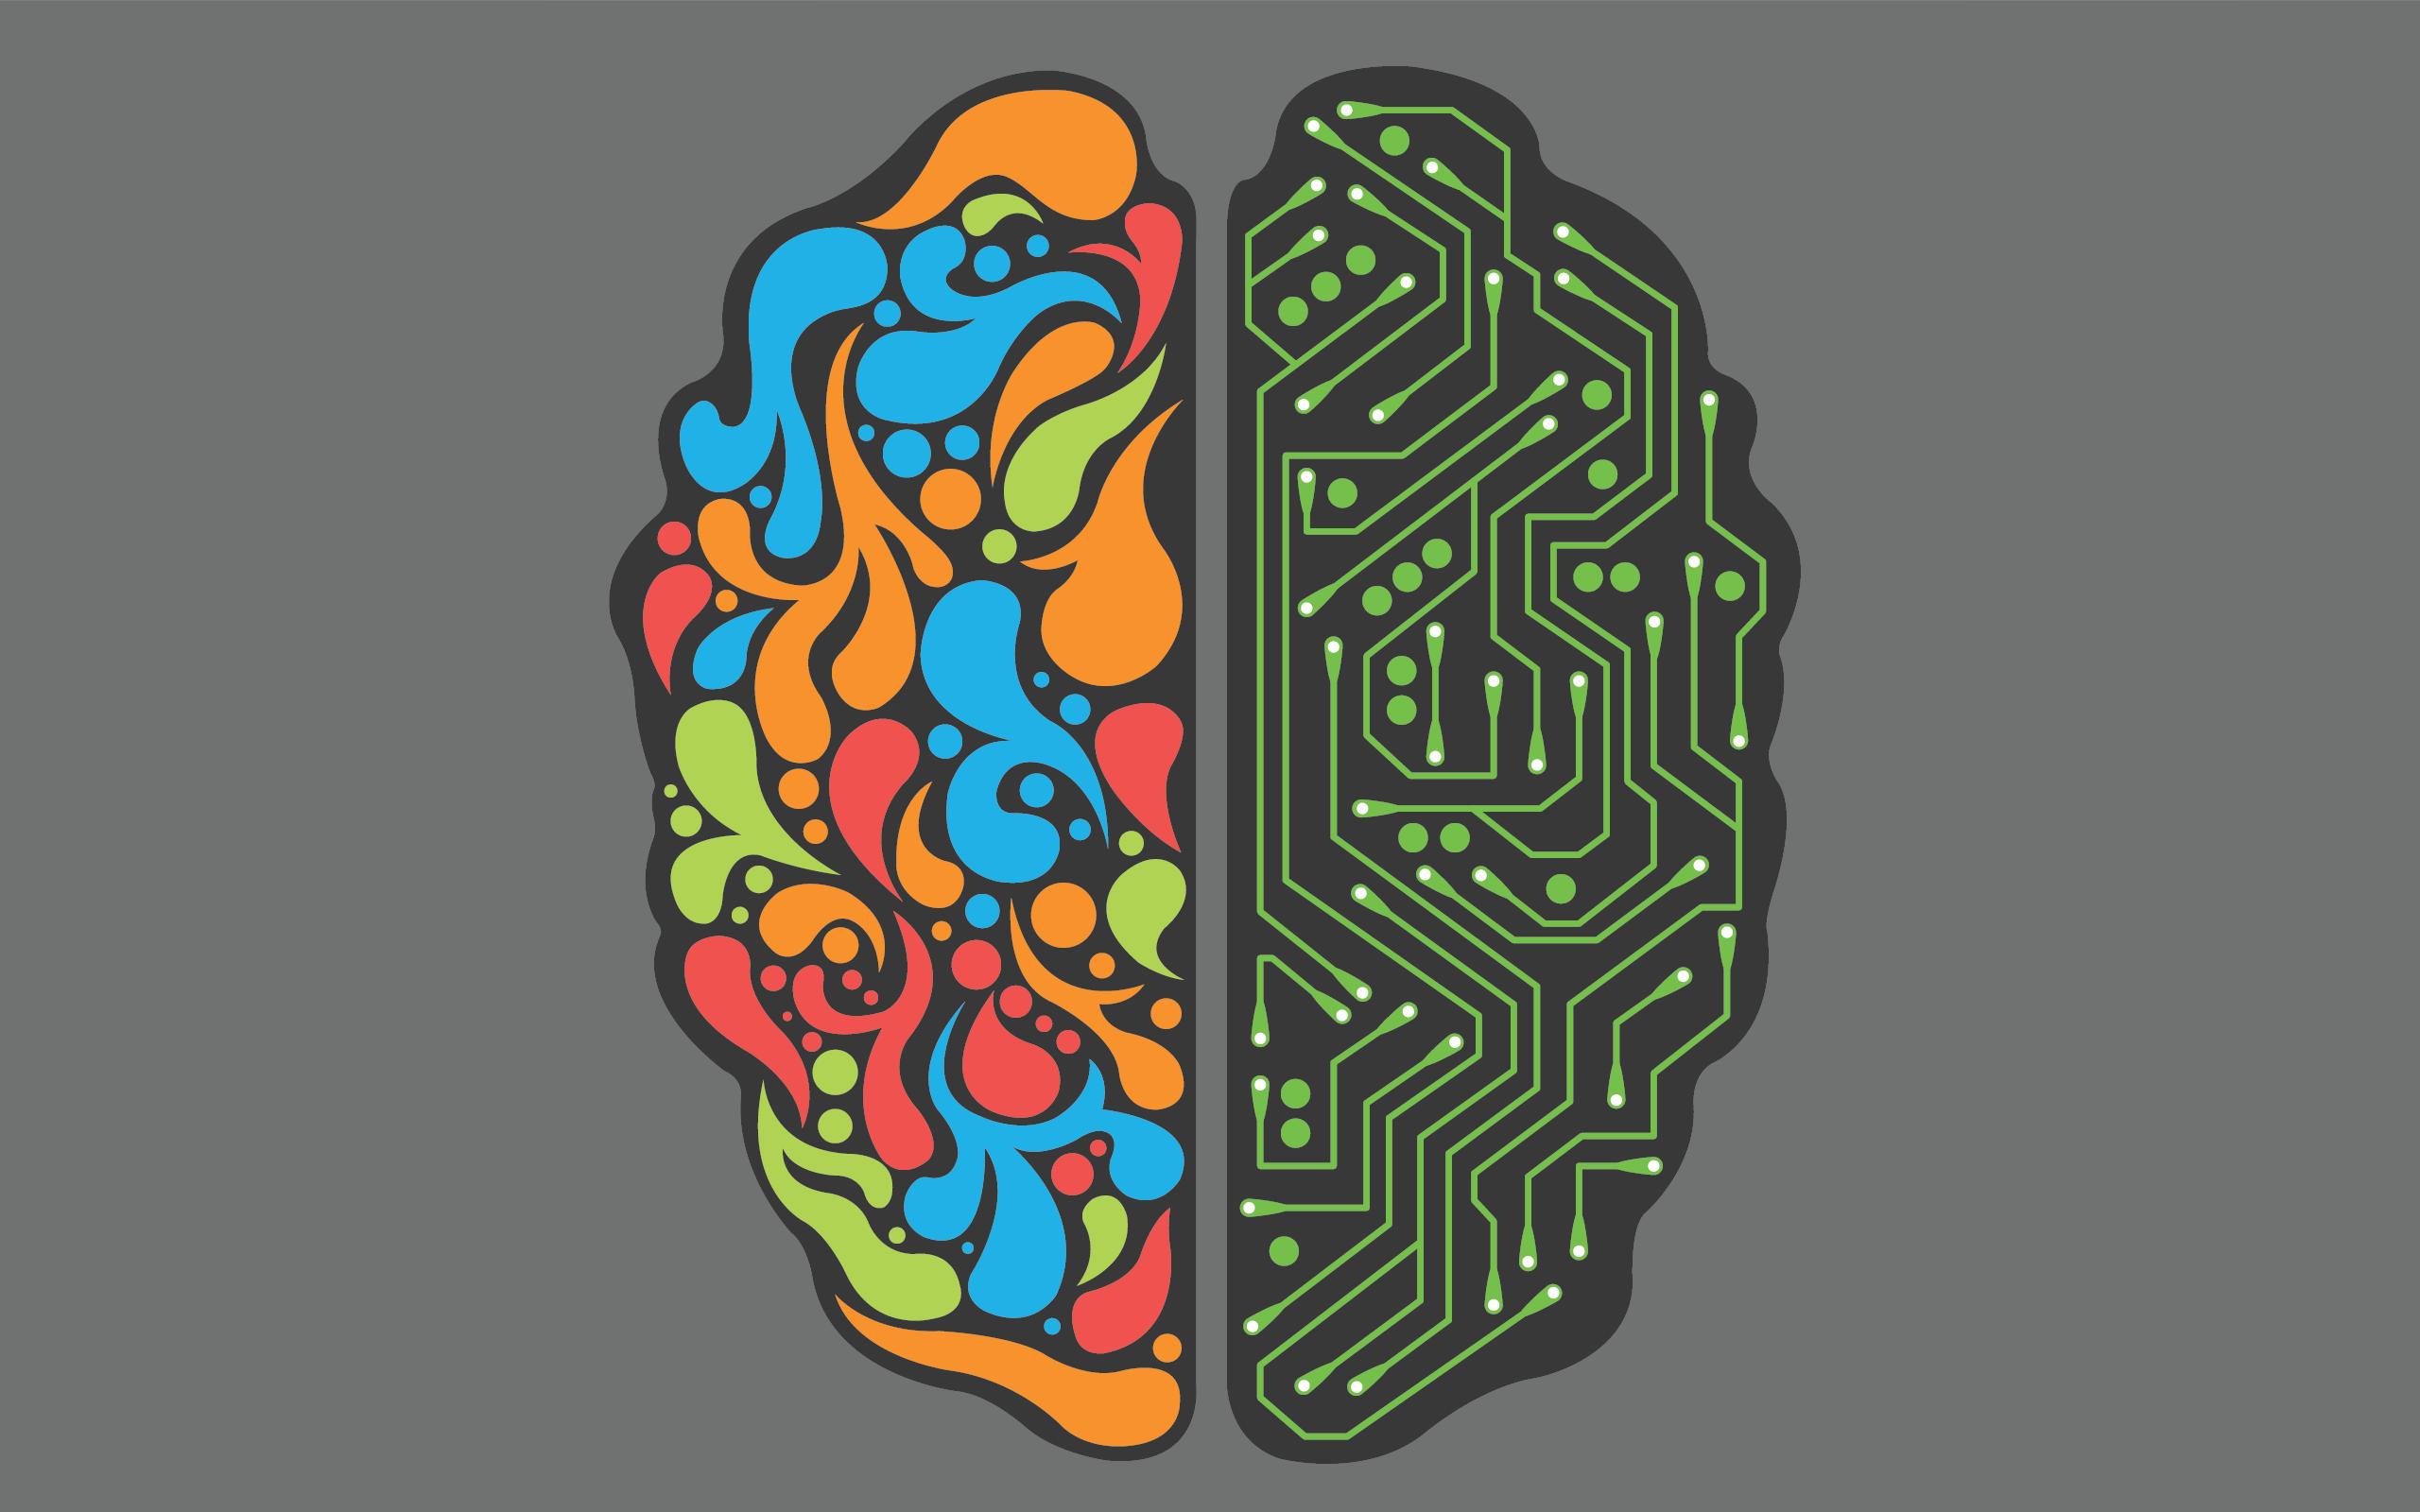 Структура мозга влияет нагрубость молодых людей — Ученые